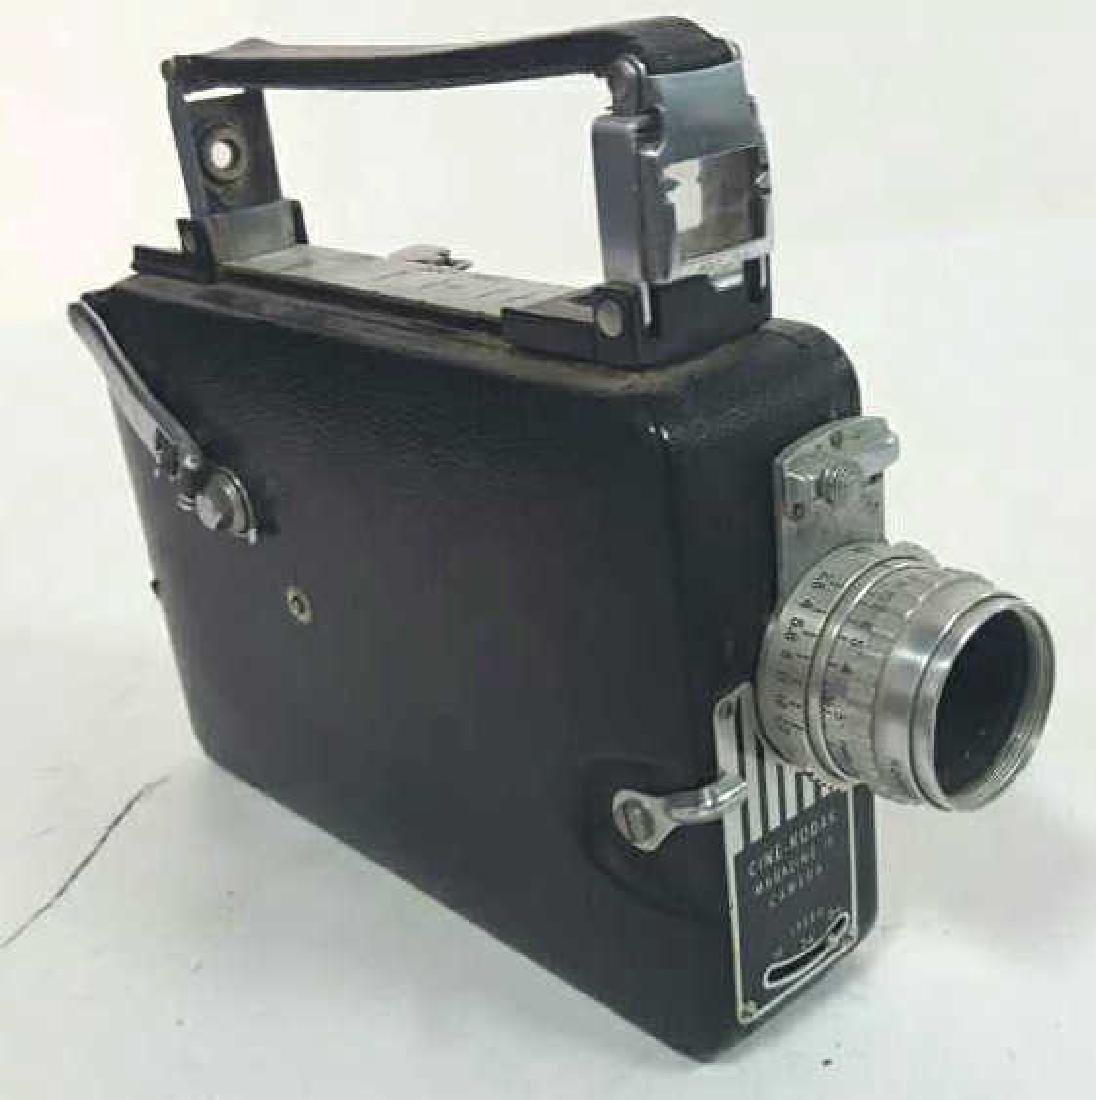 Cine-Kodak Magazine 16 Camera